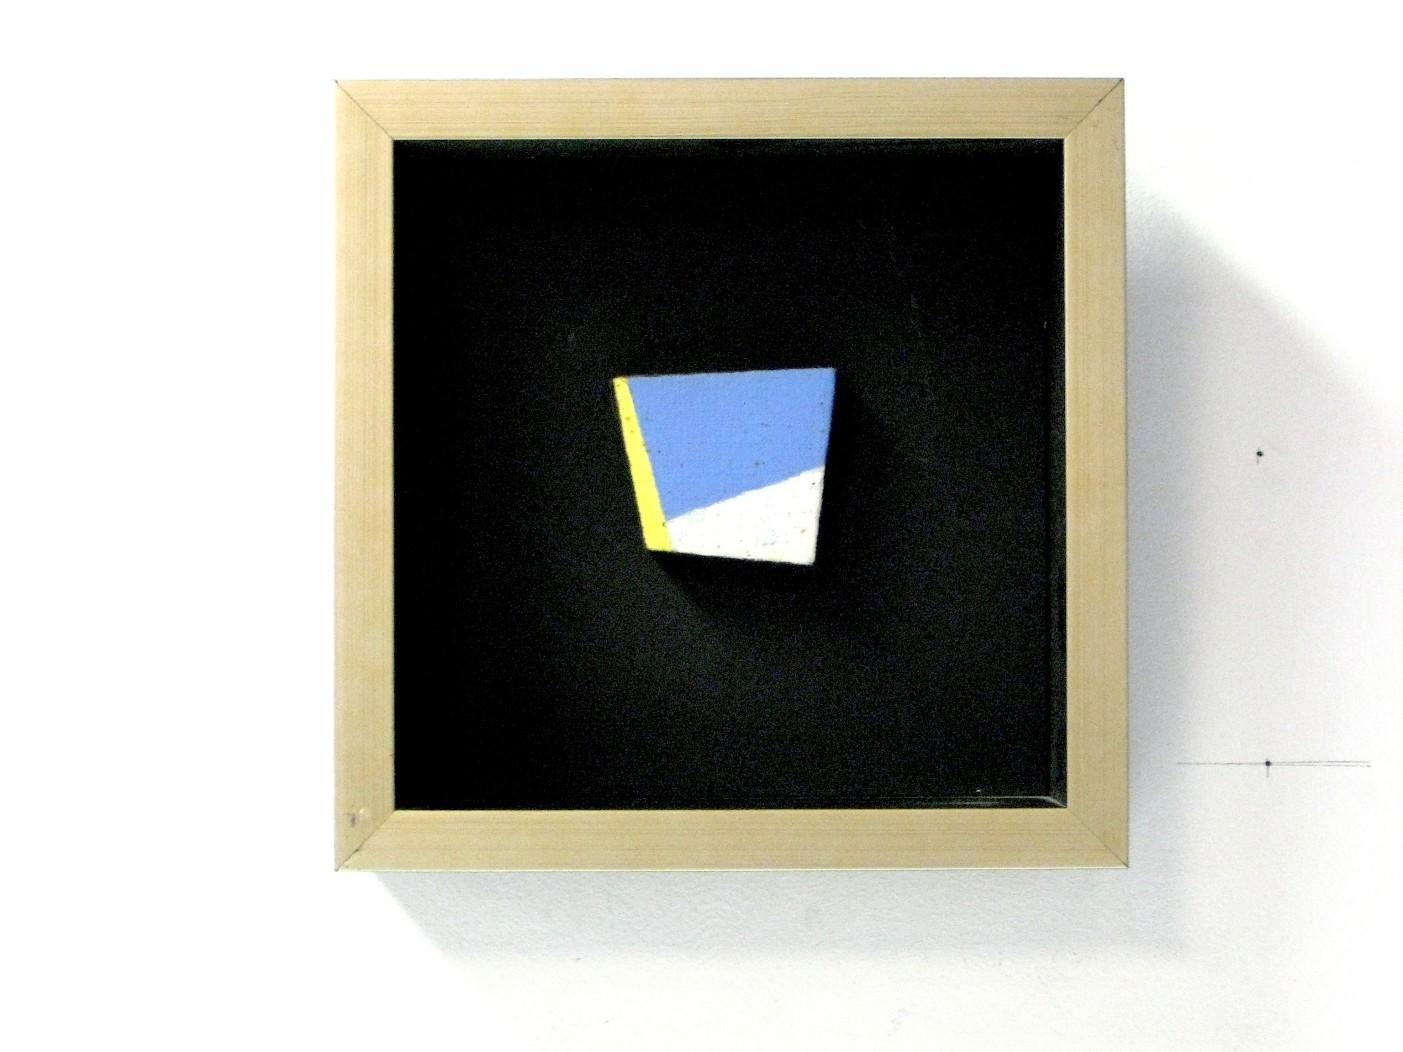 J. C. J. van der Heijden – Miniatuur